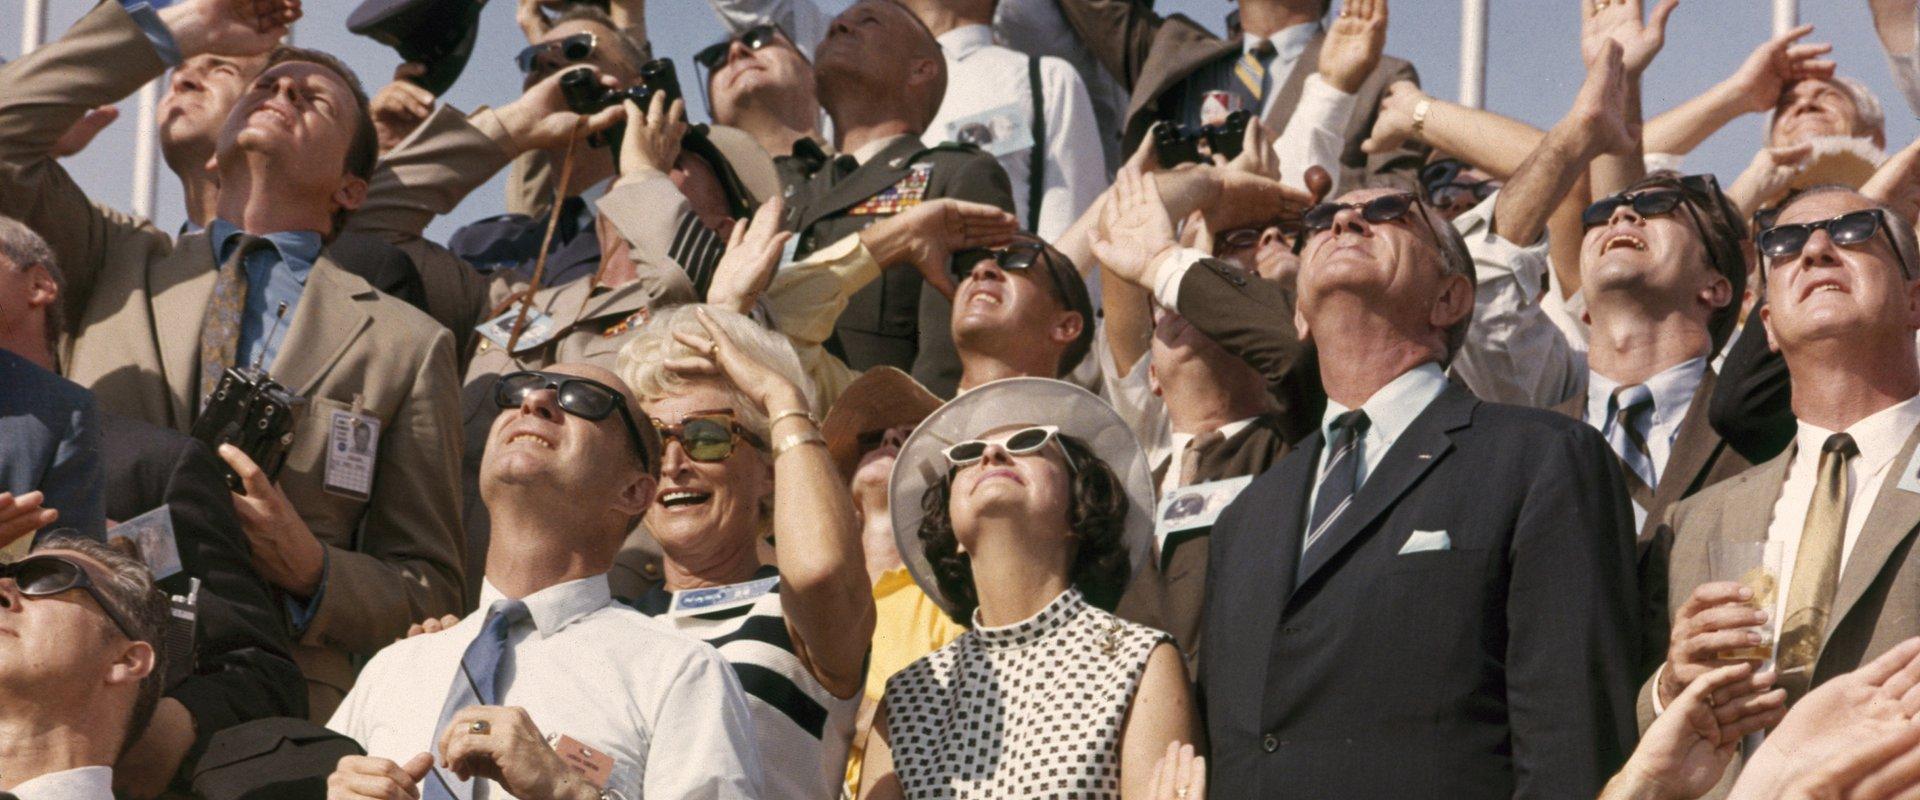 Już w sobotę 50. rocznica pierwszego lądowania człowieka na Księżycu. Kanał National Geographic zaprasza na maraton filmów poświęconych lotom kosmicznym